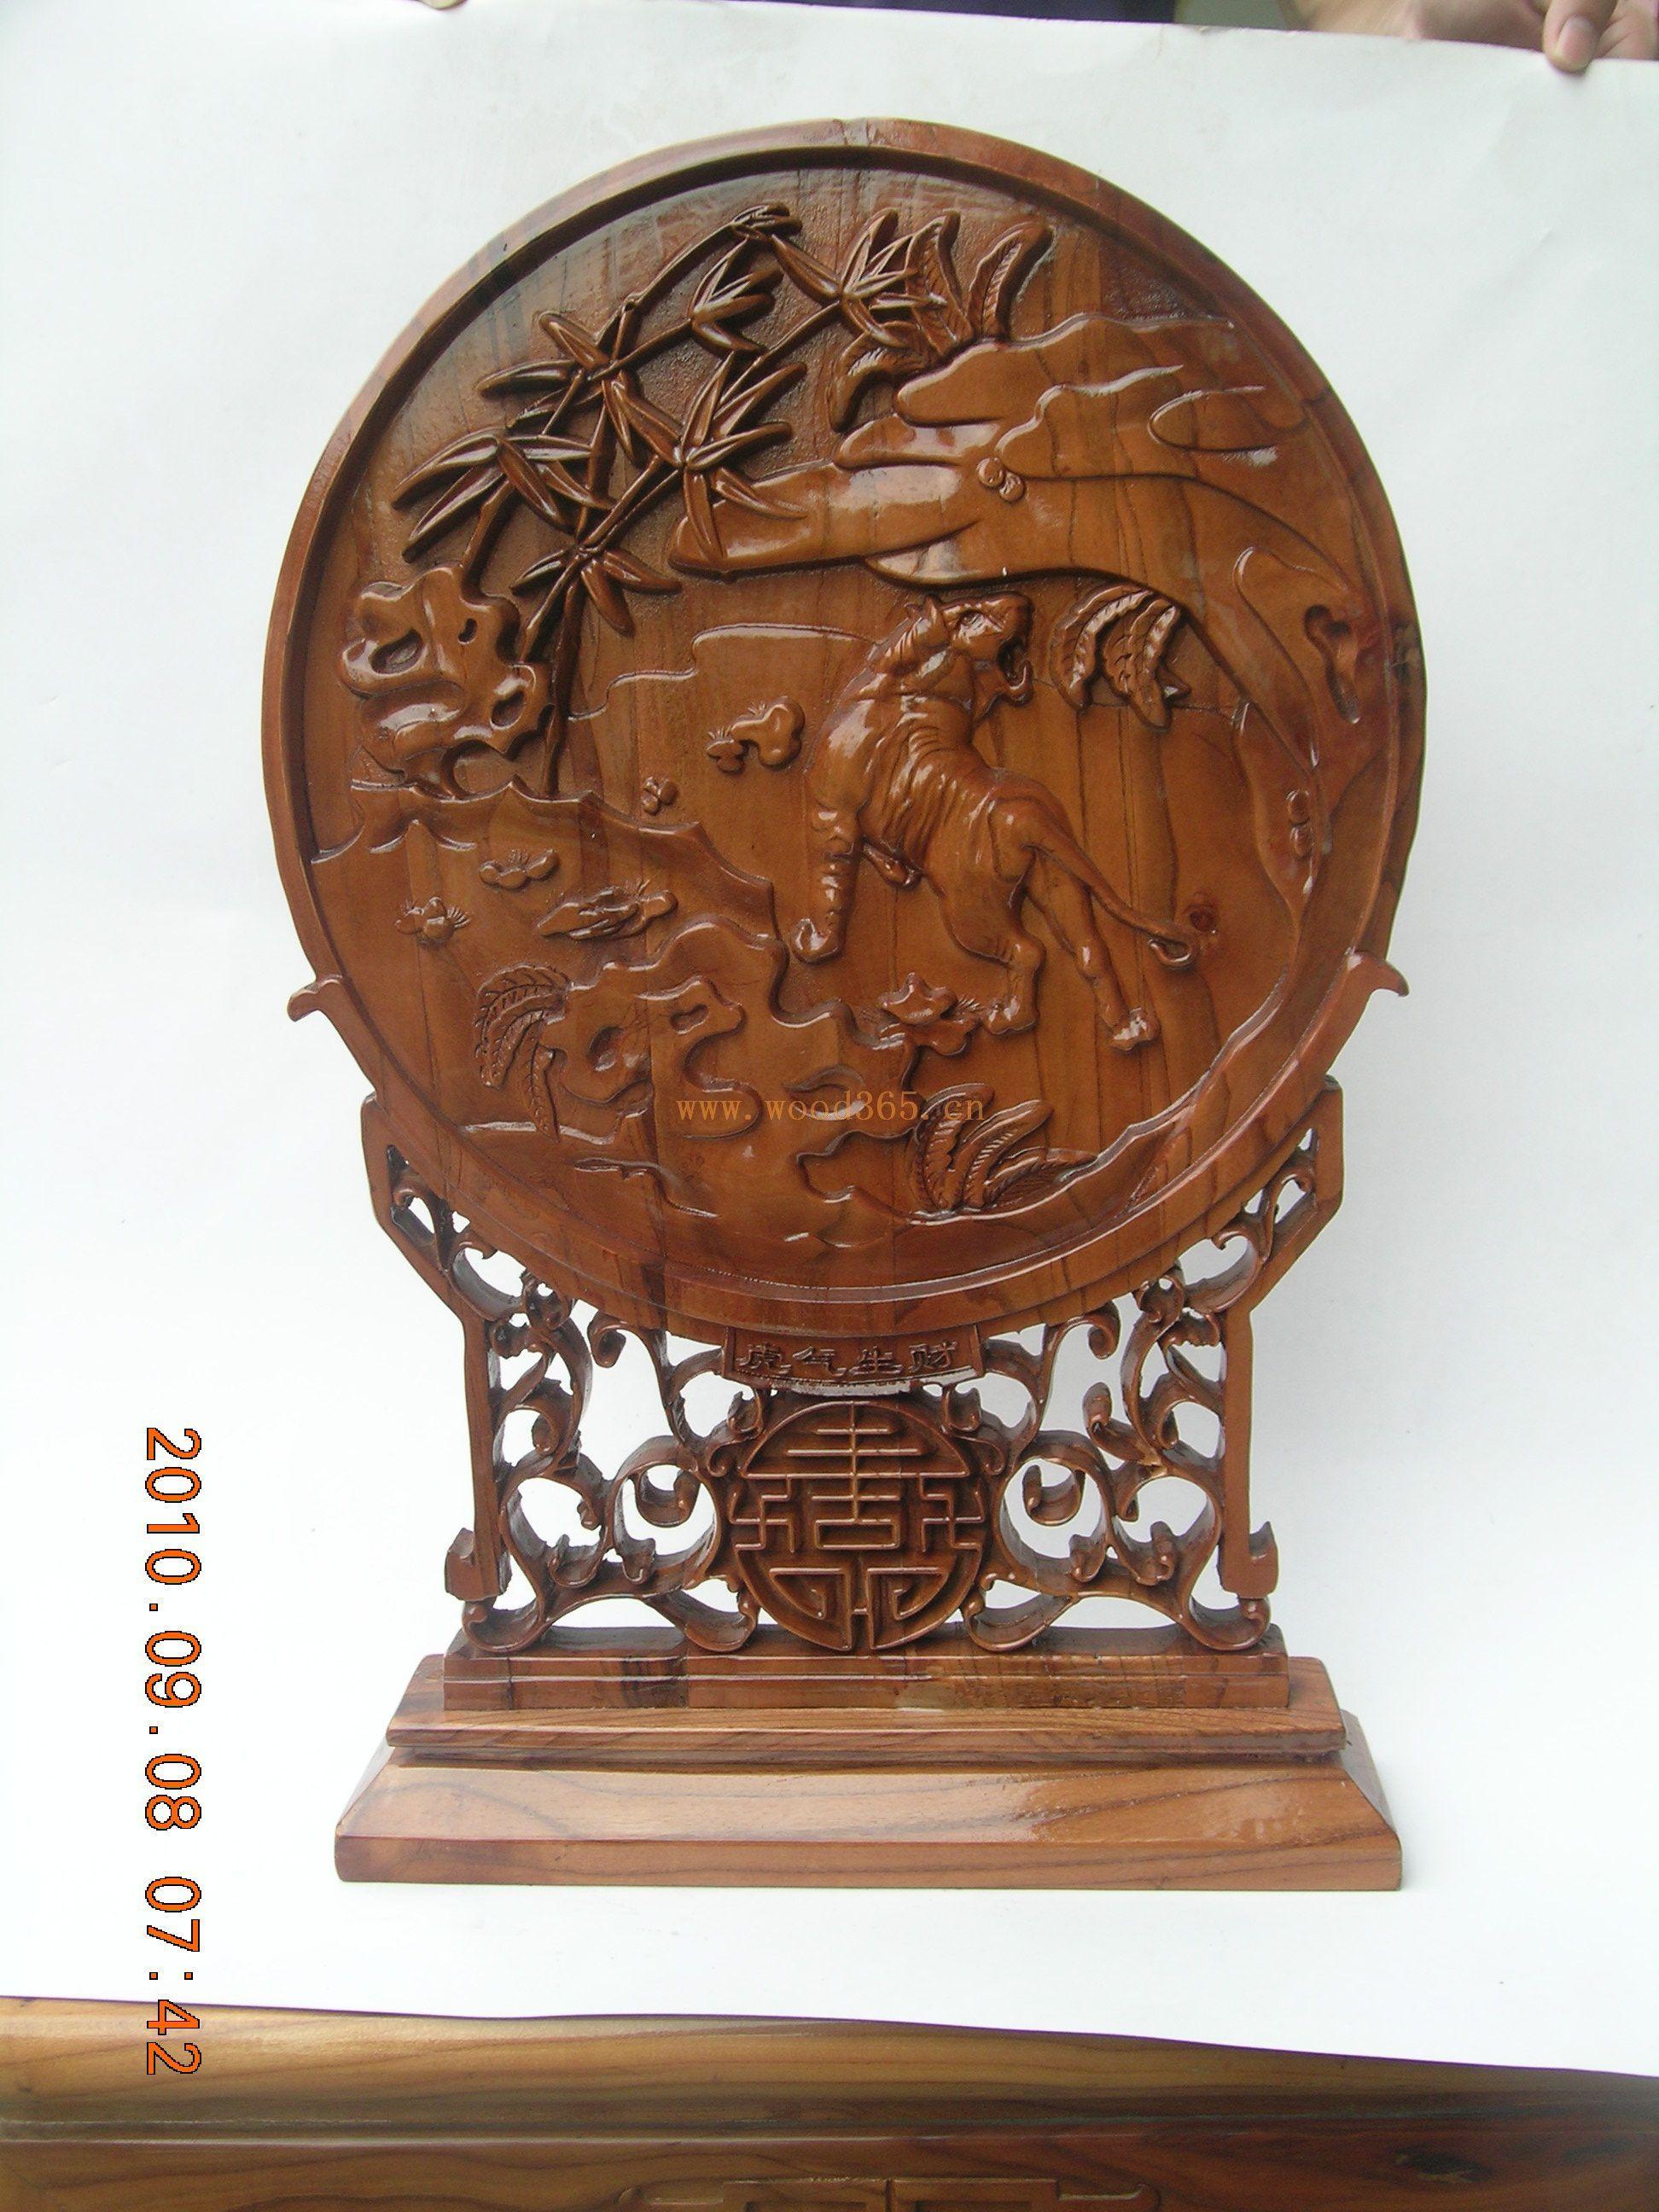 及各式桃木工艺品包装等系列,二百多个品种的桃木工艺品倍受海内外